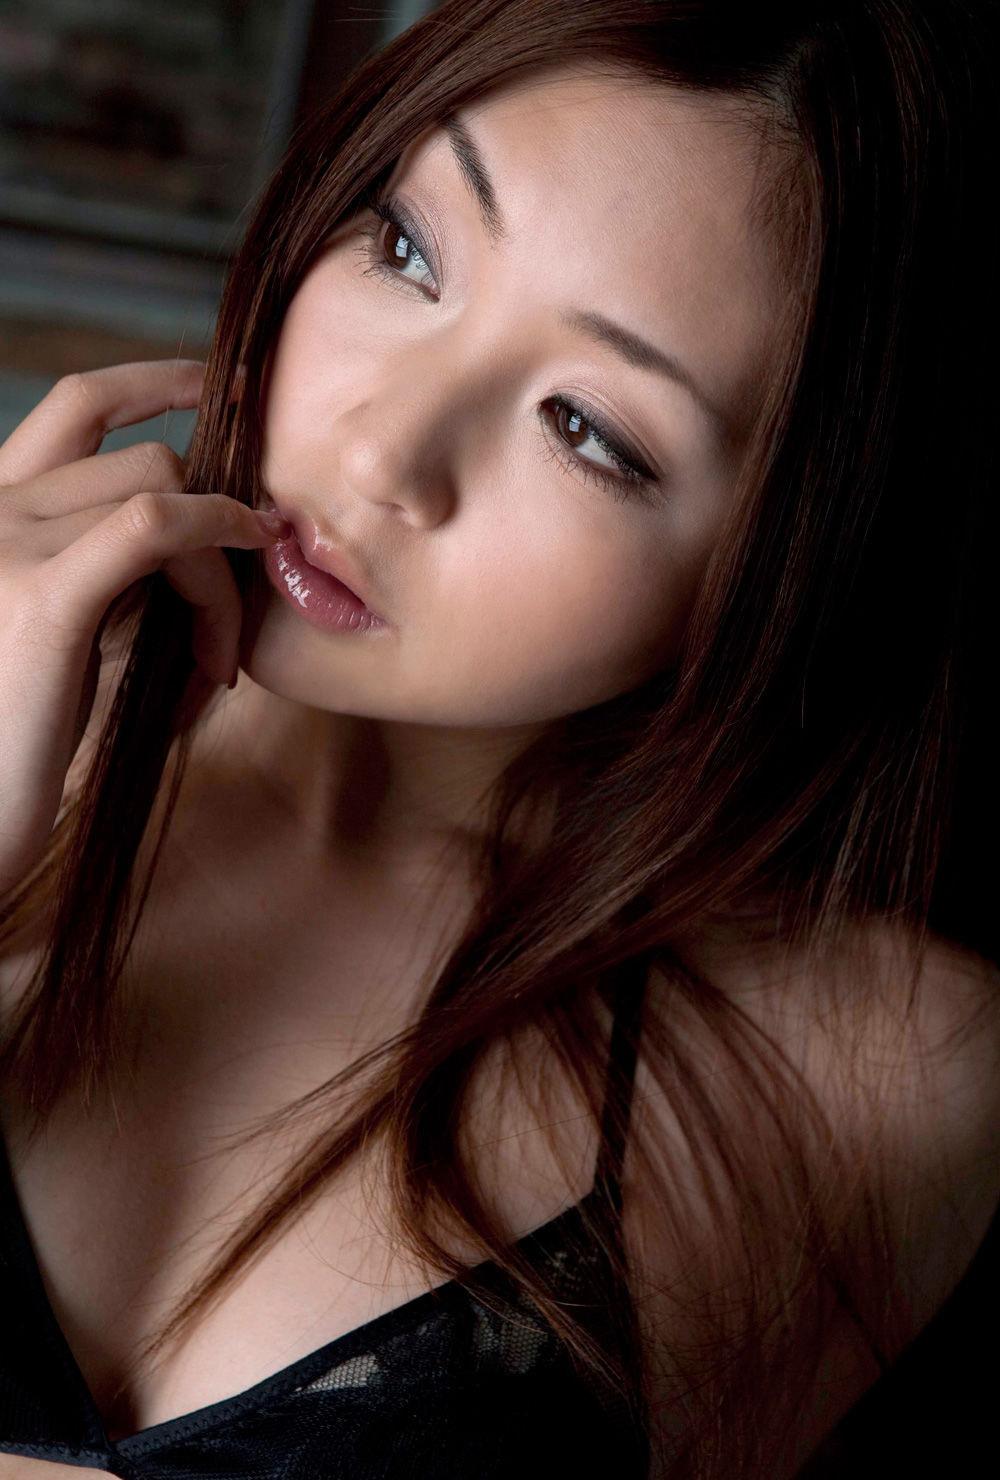 辰巳奈都子 画像 掲示板 88